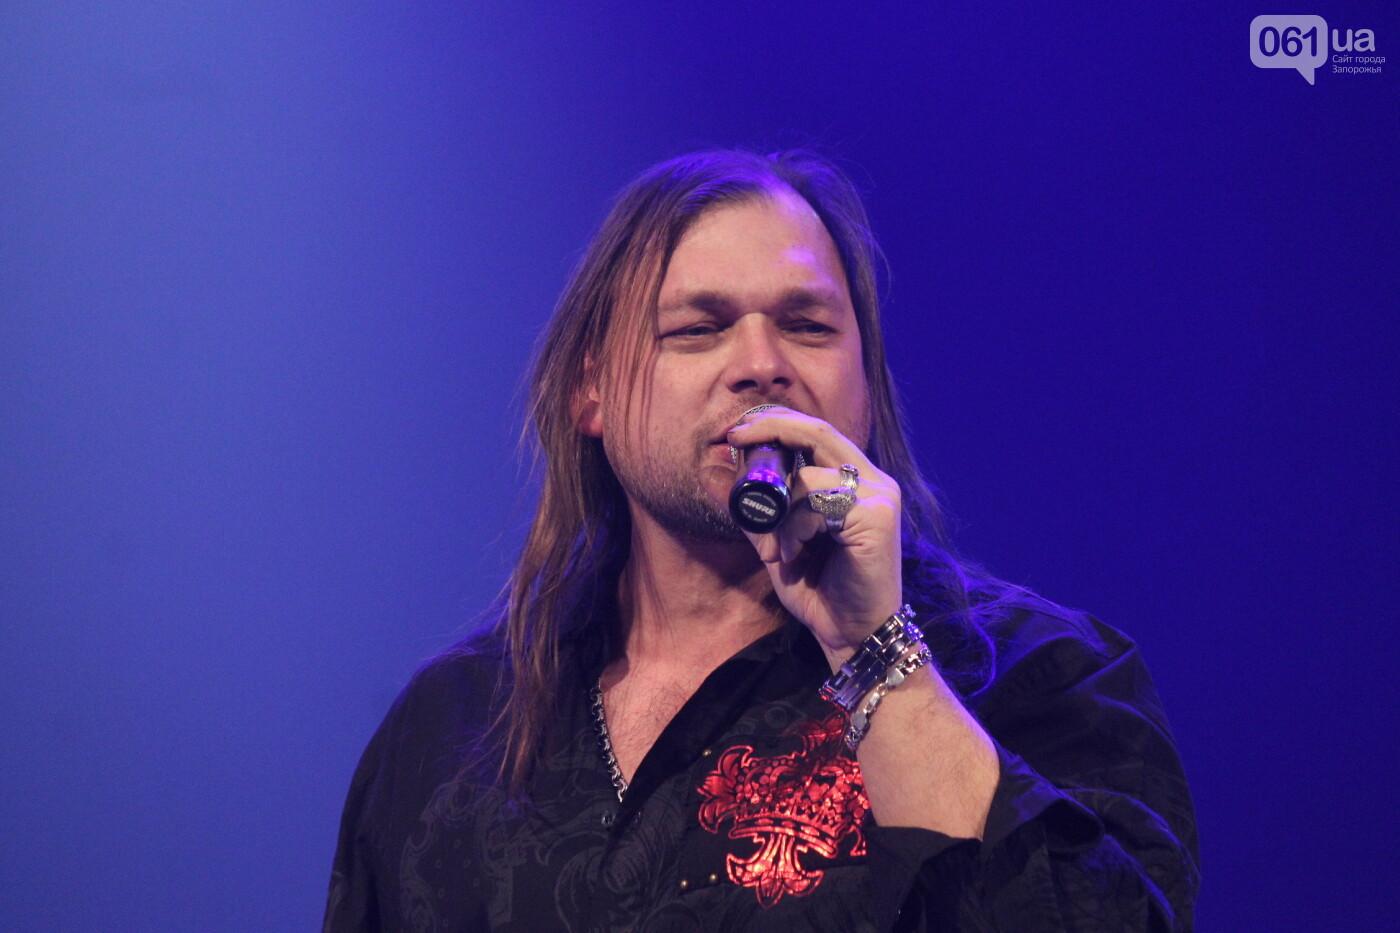 Тяжелый рок в симфоническом звучании: каким было Hard Rock Show в Запорожье, – ФОТОРЕПОРТАЖ, фото-1